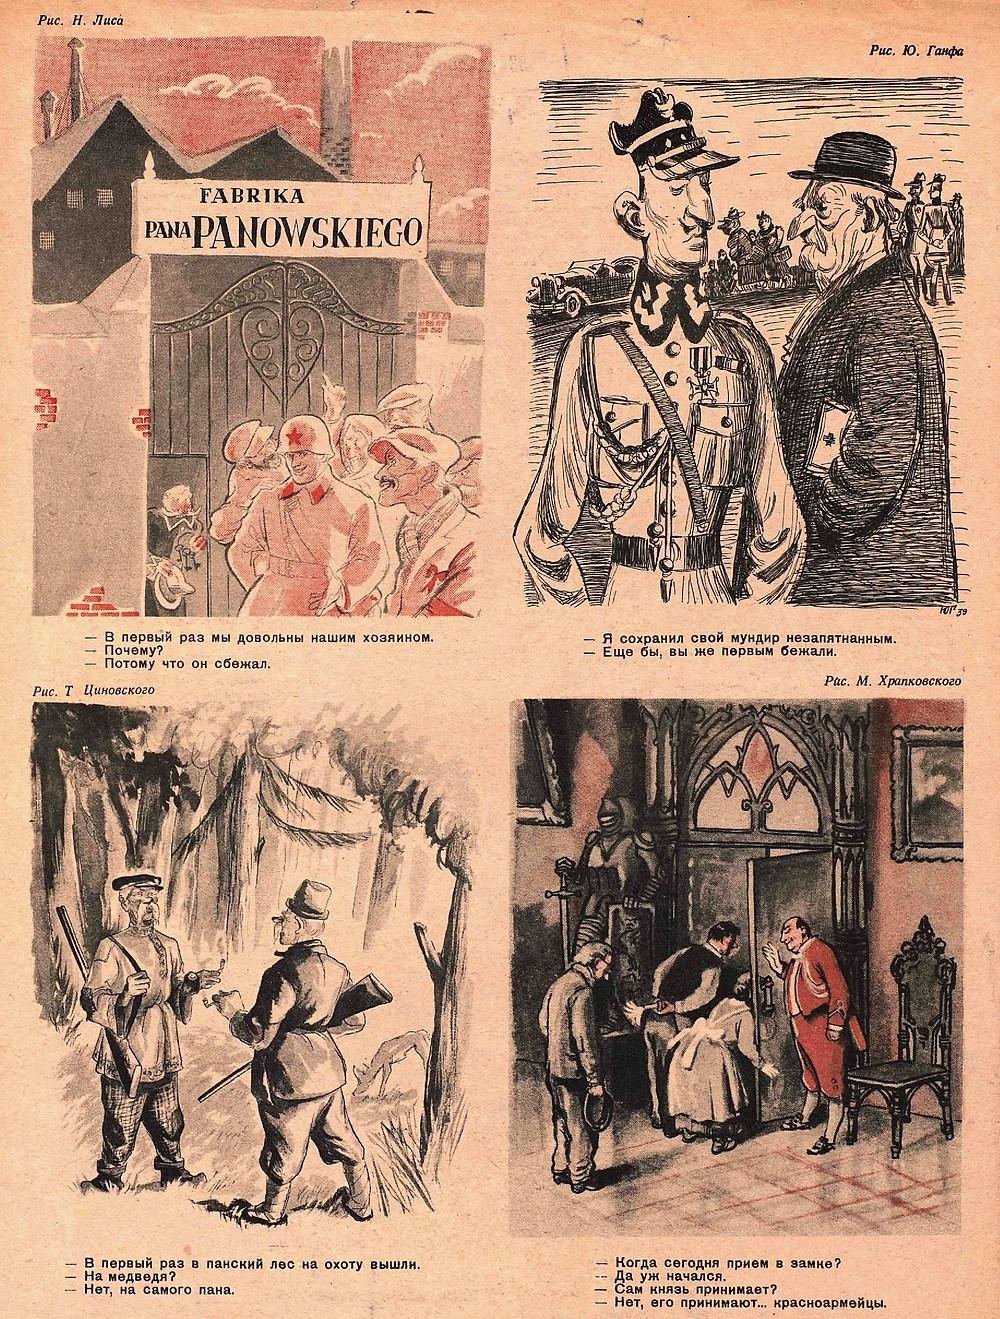 Журнал крокодил 1939г, №27.6. Секретный пакт Молотова, оккупация Польши. Комиксы СССР.